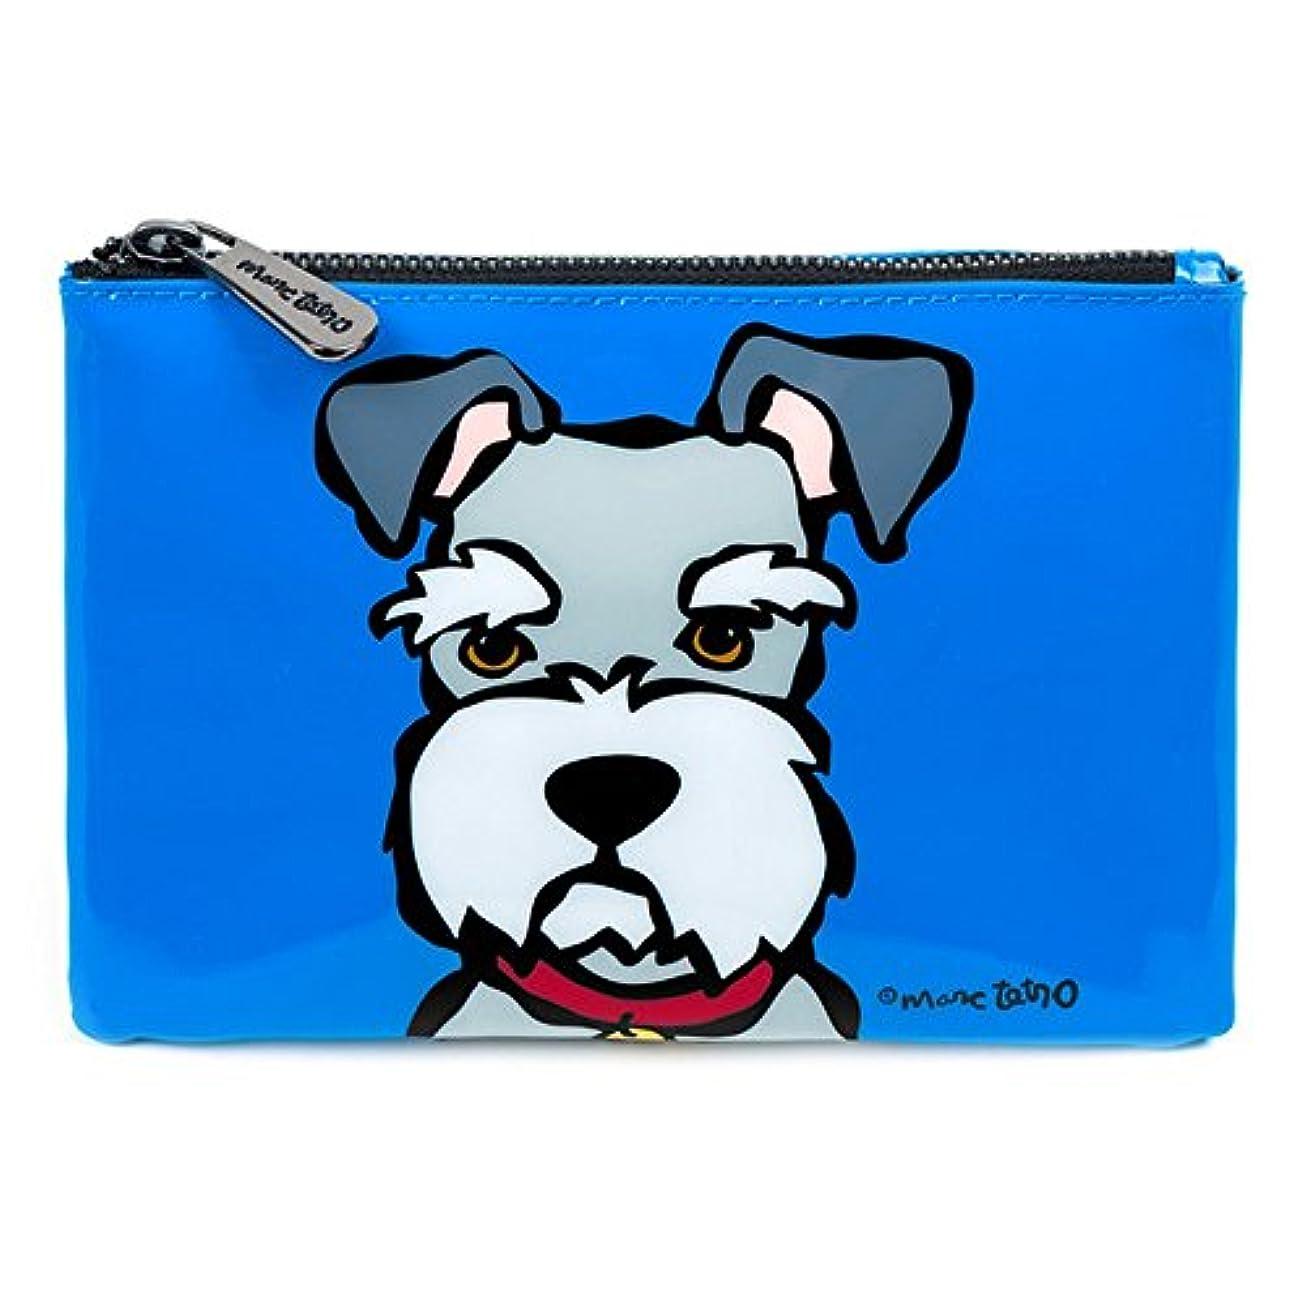 初期ボウリング責任シュナウザー コスメバッグ 防水PVC ファスナー式 化粧ポーチ 小物入れ 13.5cm x 19cm 犬デザイン ミニバッグ Cosmetic Bag